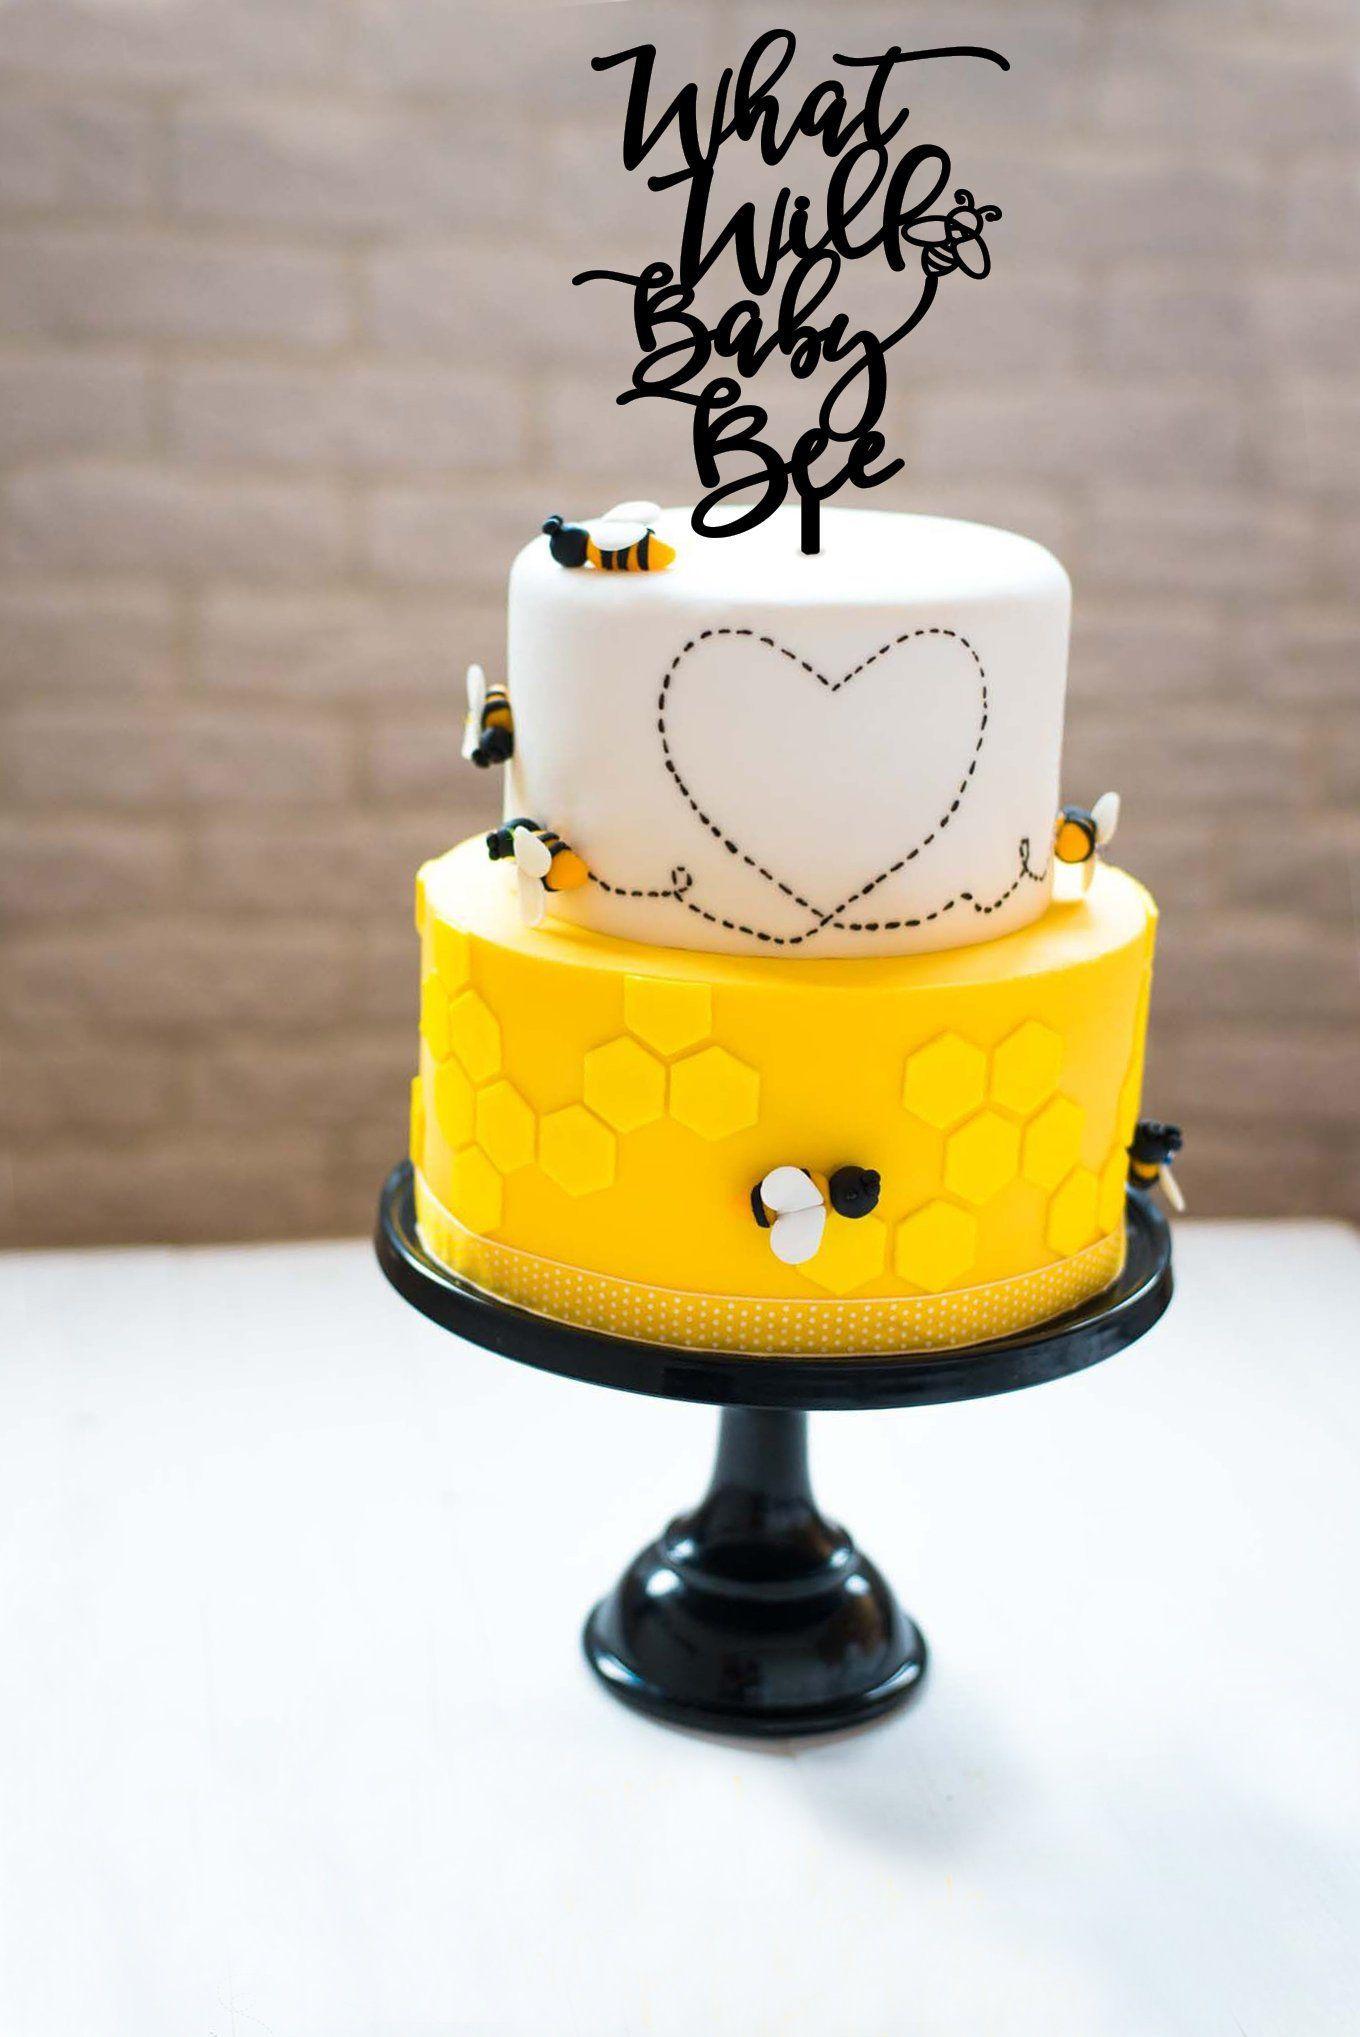 Baby Shower Cake Topper, Gender Reveal Cake Topper, What Will Baby Bee, What Will Baby Bee Cake Topper, Baby Cake Topper, What will baby be #genderrevealideasforpartydiy